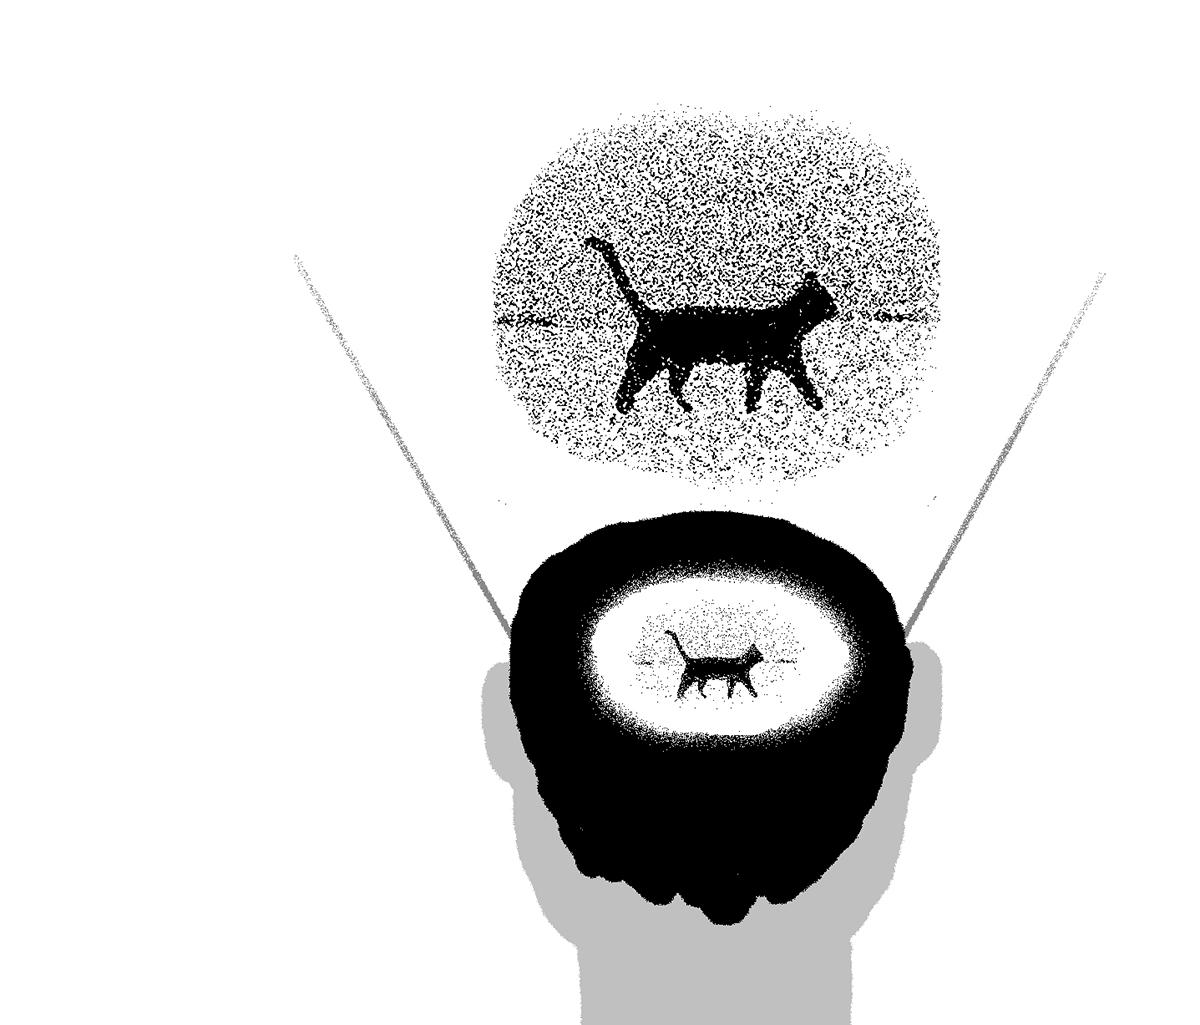 Mozek si myslí, že již něco viděl či zažil, ale jde jen o pouhou představu.